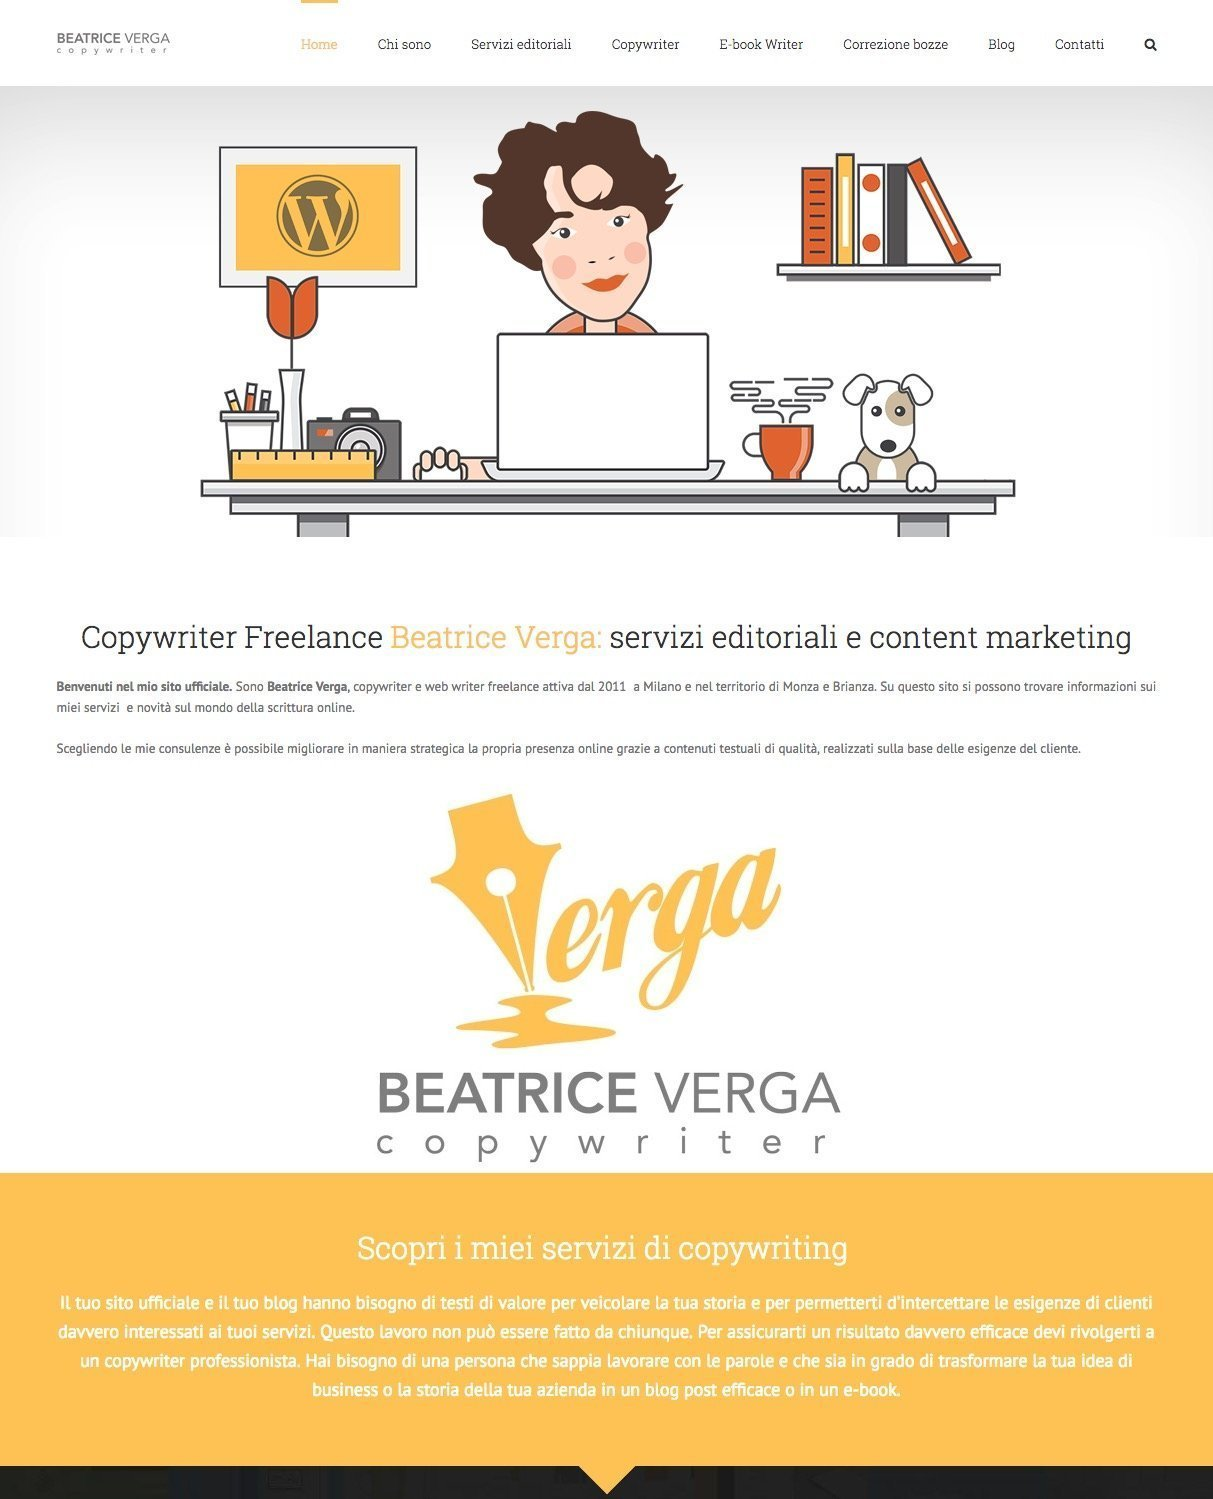 portfolio web designer Beatrice Verga